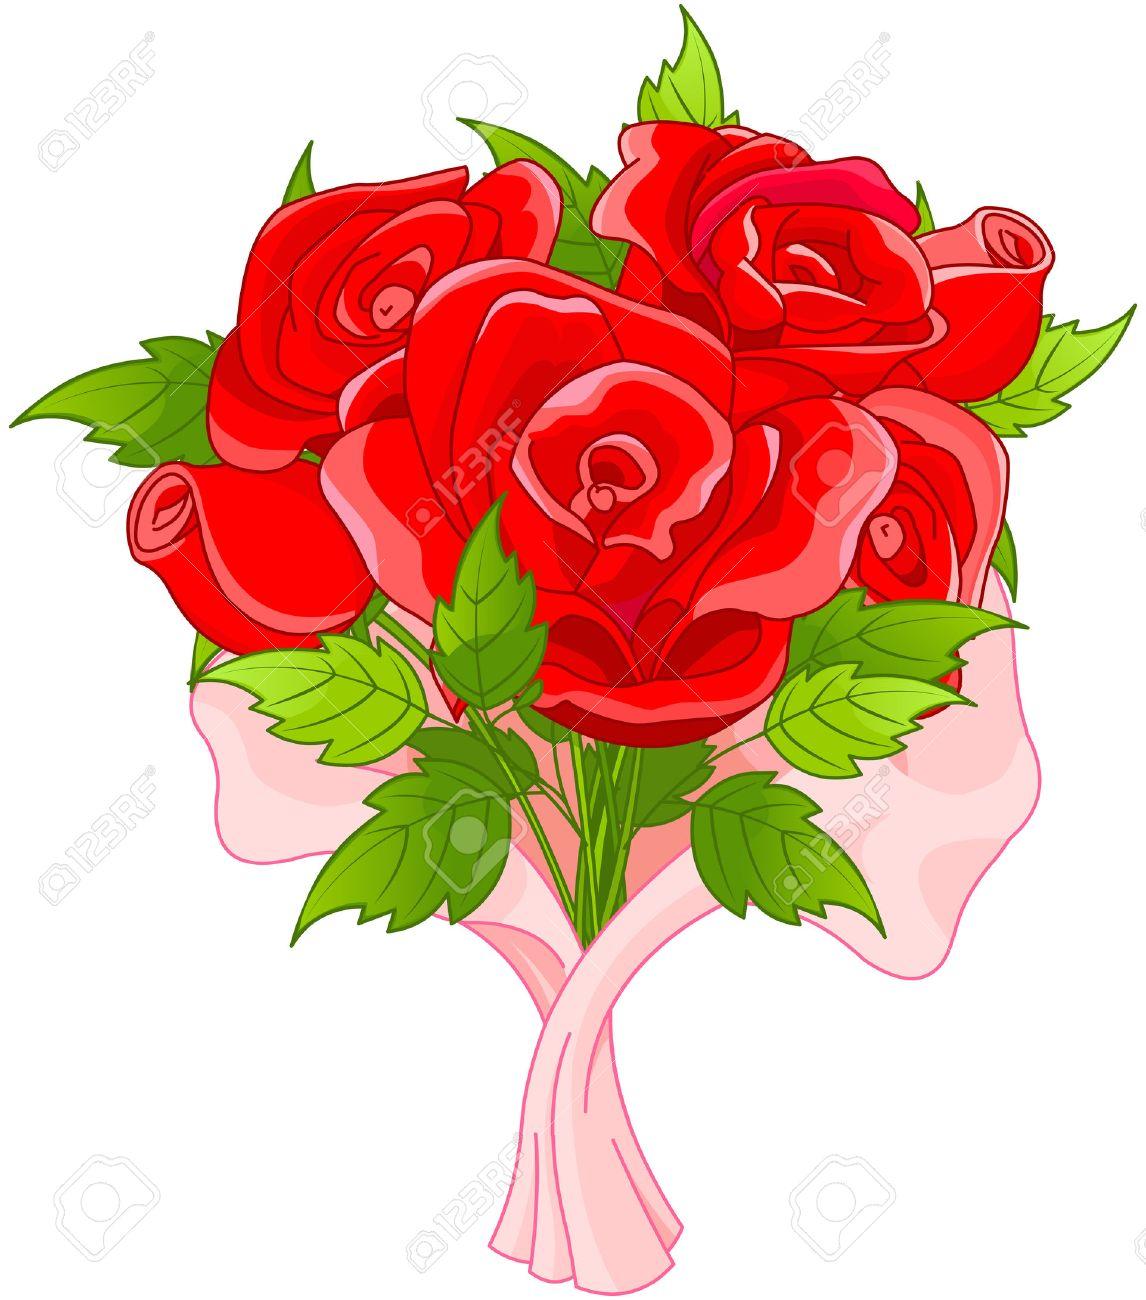 バラの花束のイラストのイラスト素材ベクタ Image 35597134